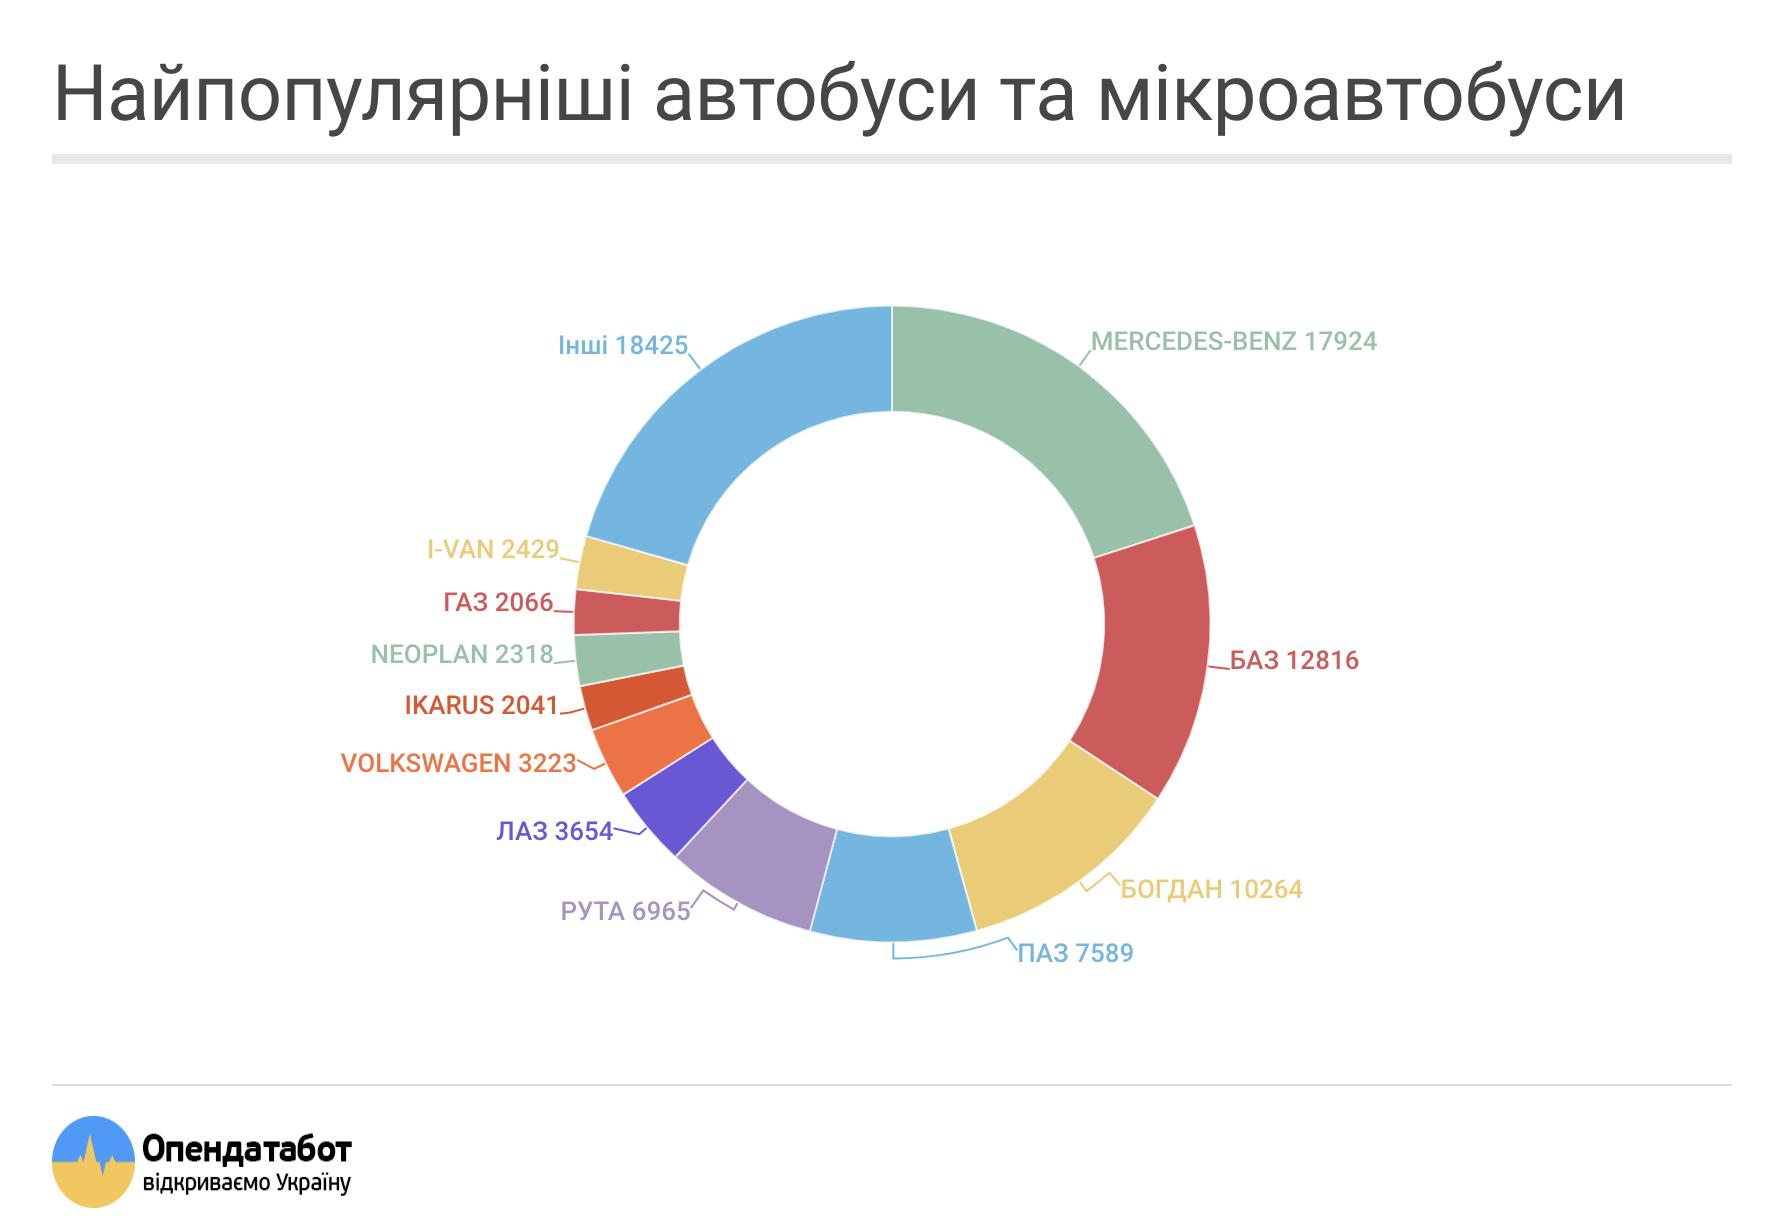 Найпопулярніші автобуси та мікроавтобуси